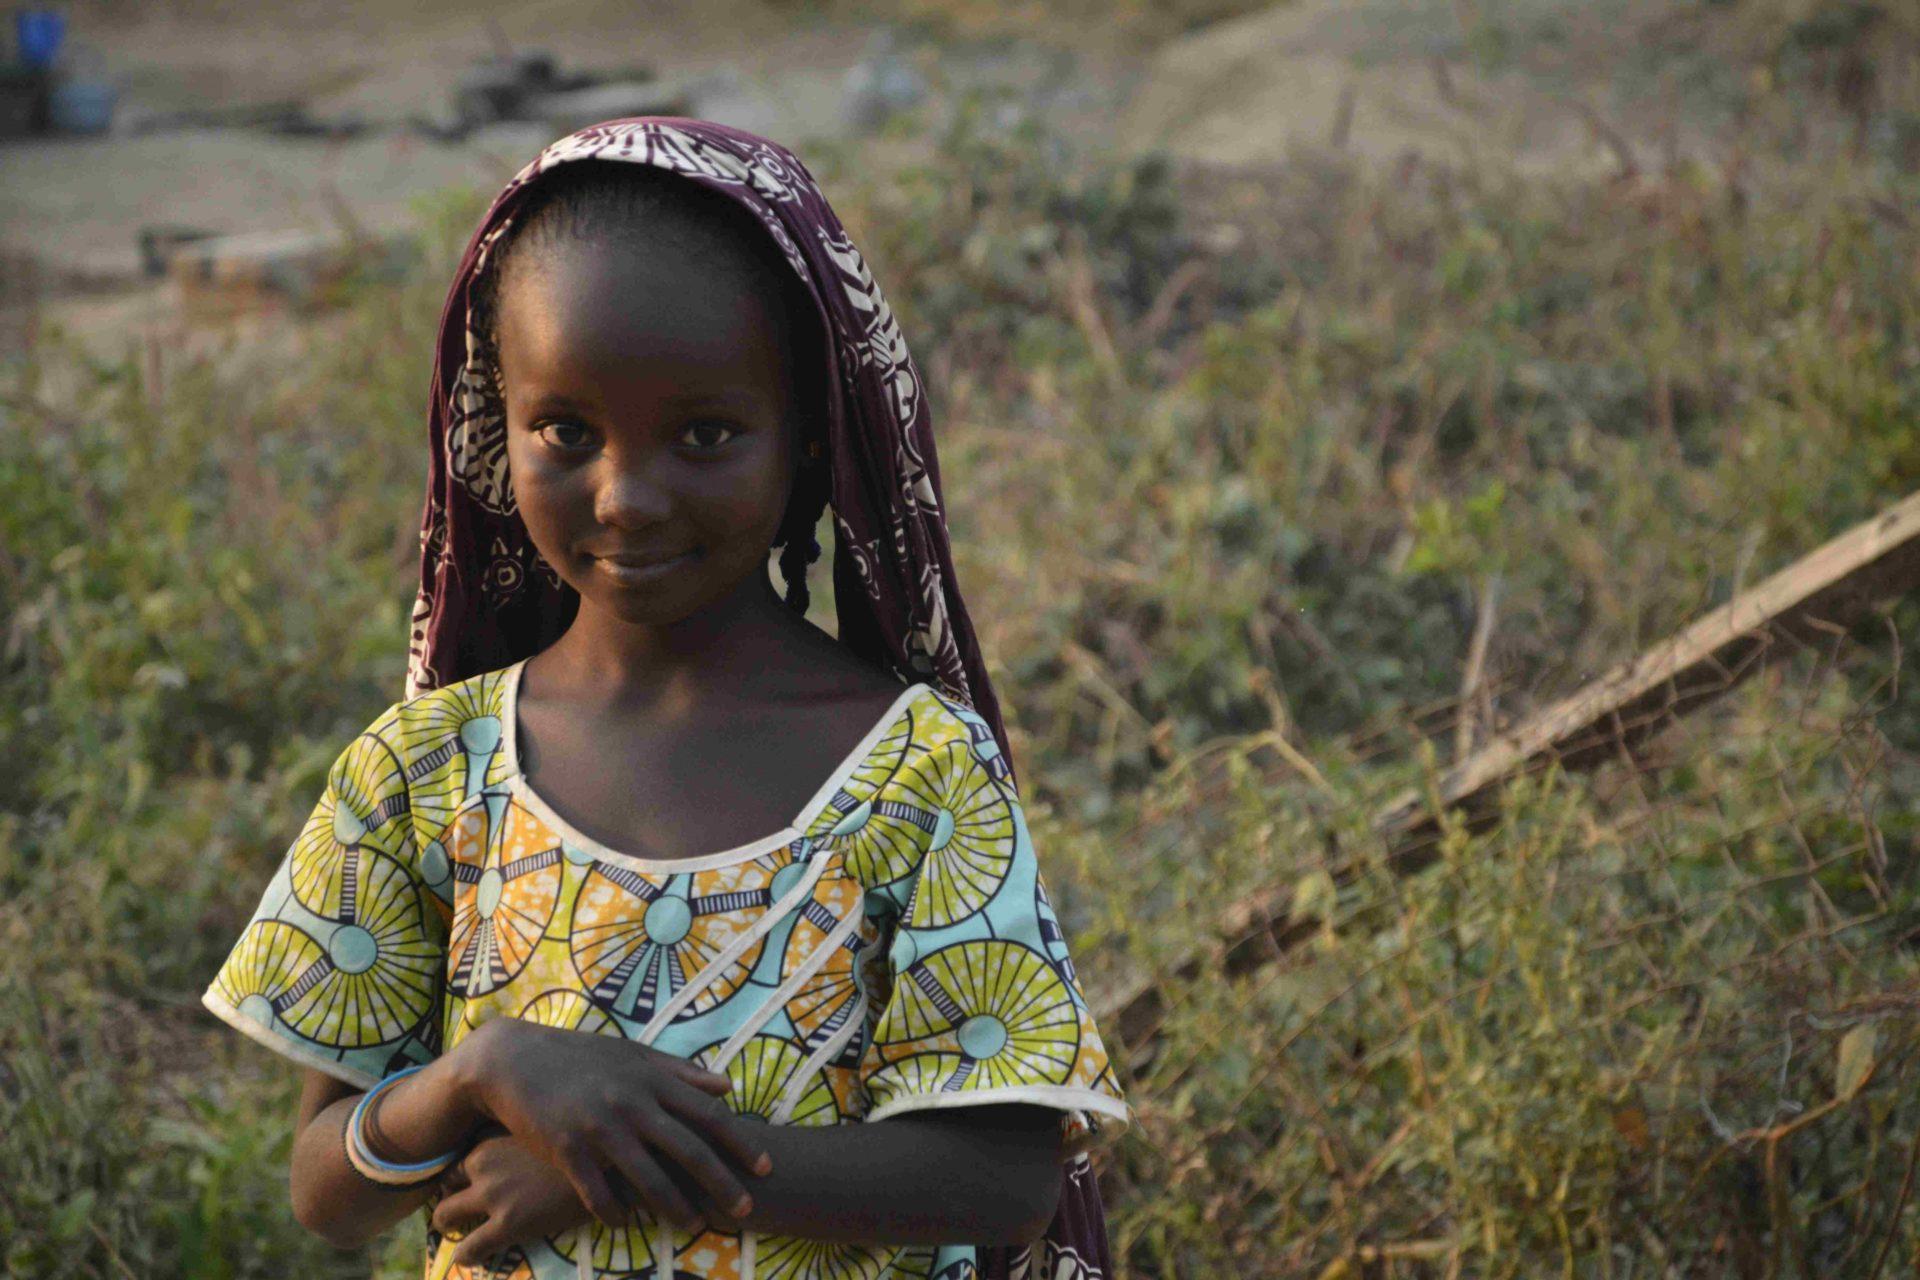 uchodzca w Kamerunie